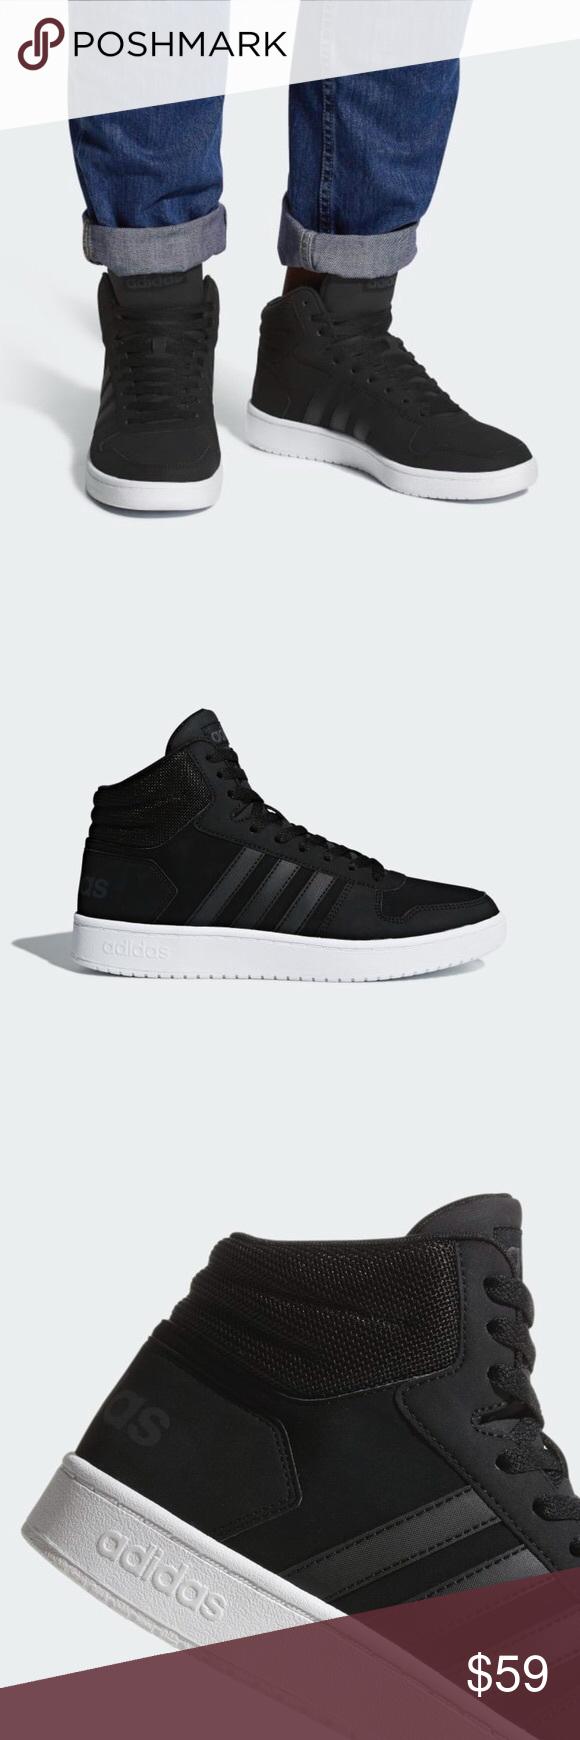 Adidas HOOPS 2.0 MID SHOES DB0113 b31,39,46 HOOPS 2.0 MID